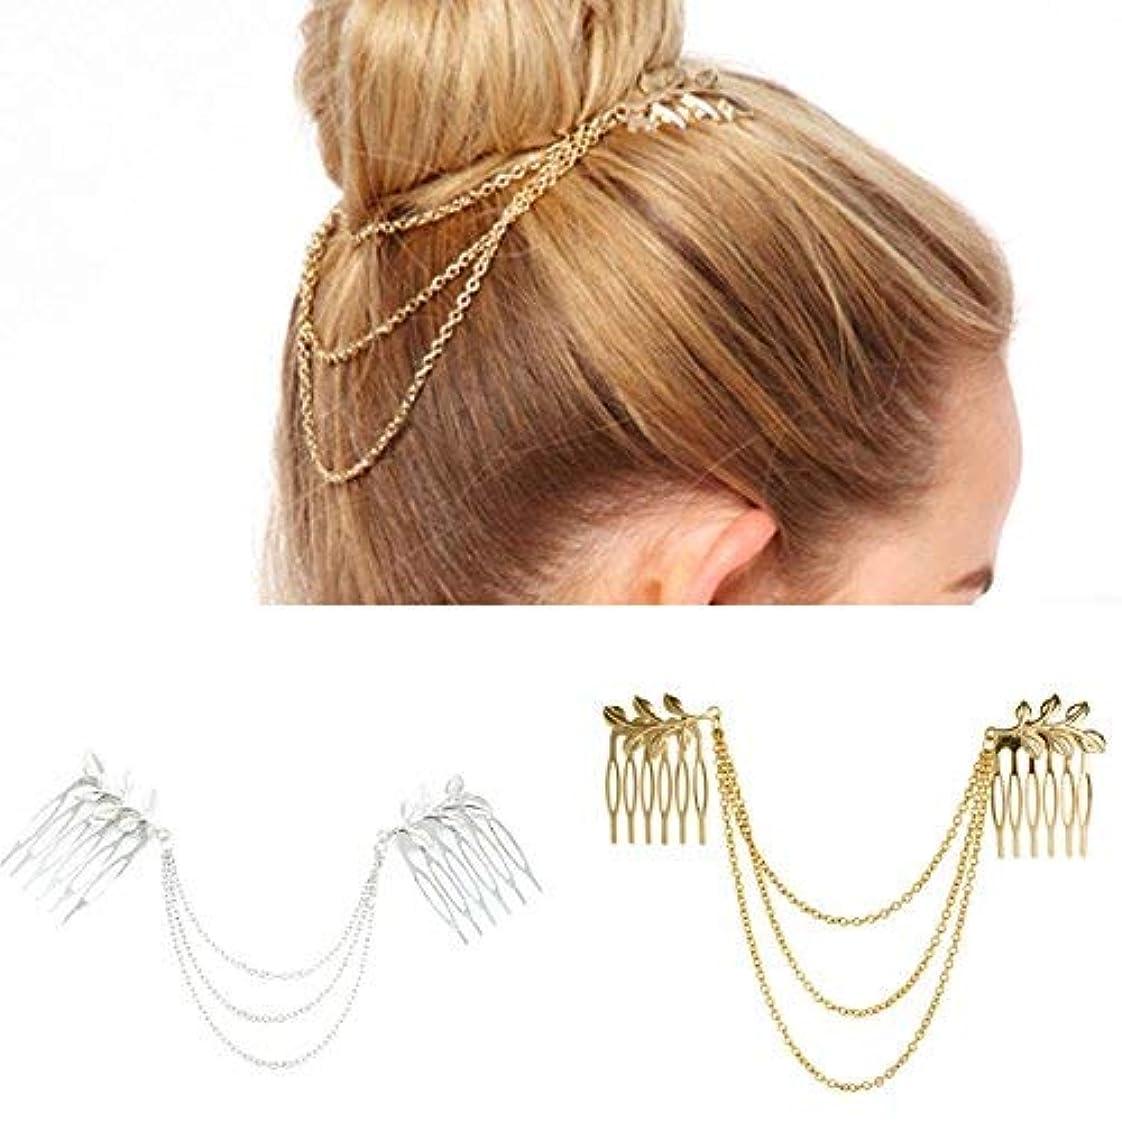 やさしいセンブランス不足Numblartd 2 Pcs Women BOHO Chic Metal Leaf Chain Tassel Headband Hair Comb - Fashion Fringe Hair Clip Pins Hairpin...